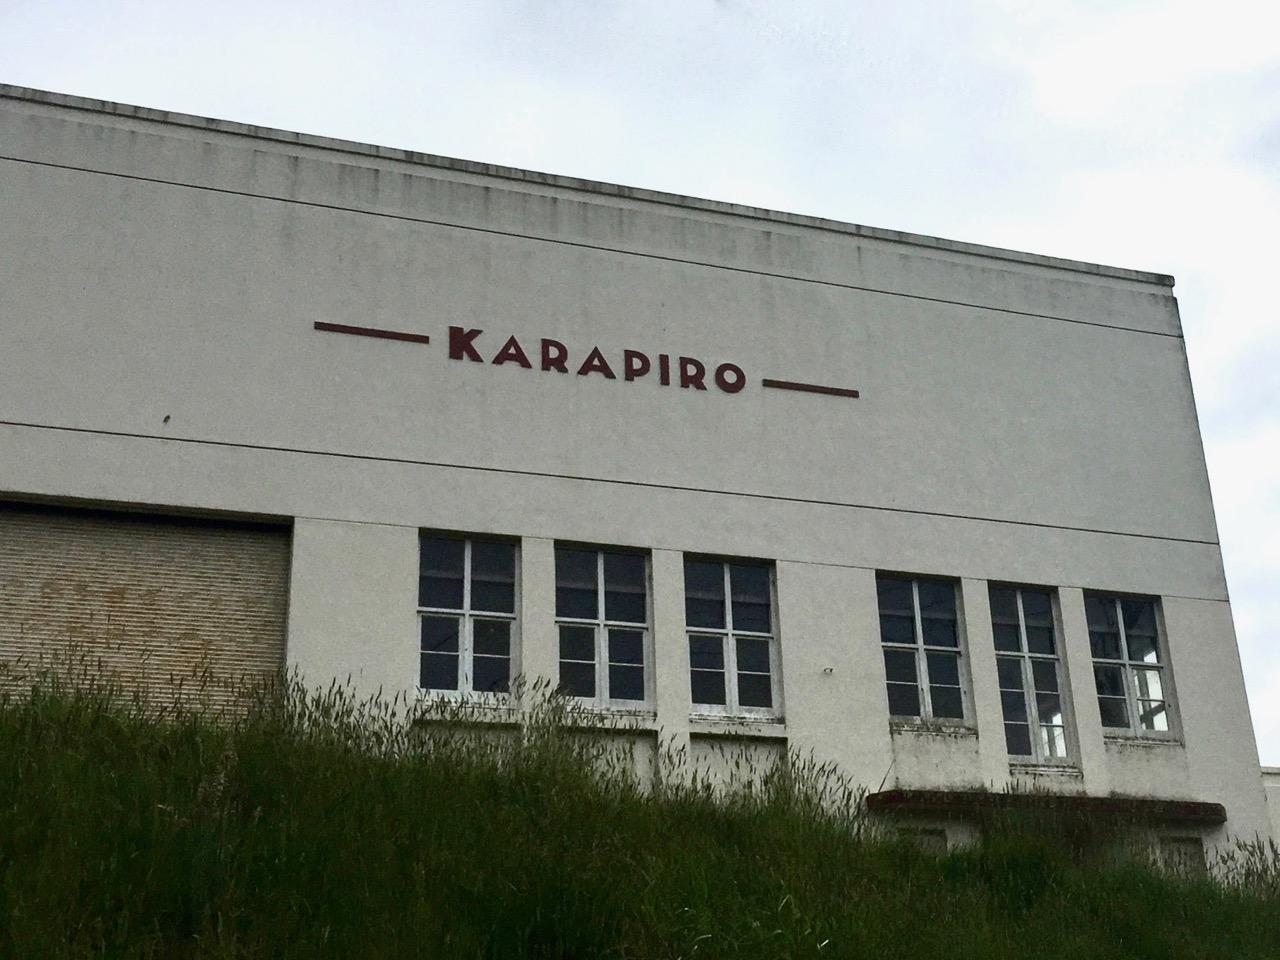 Karapiro power station